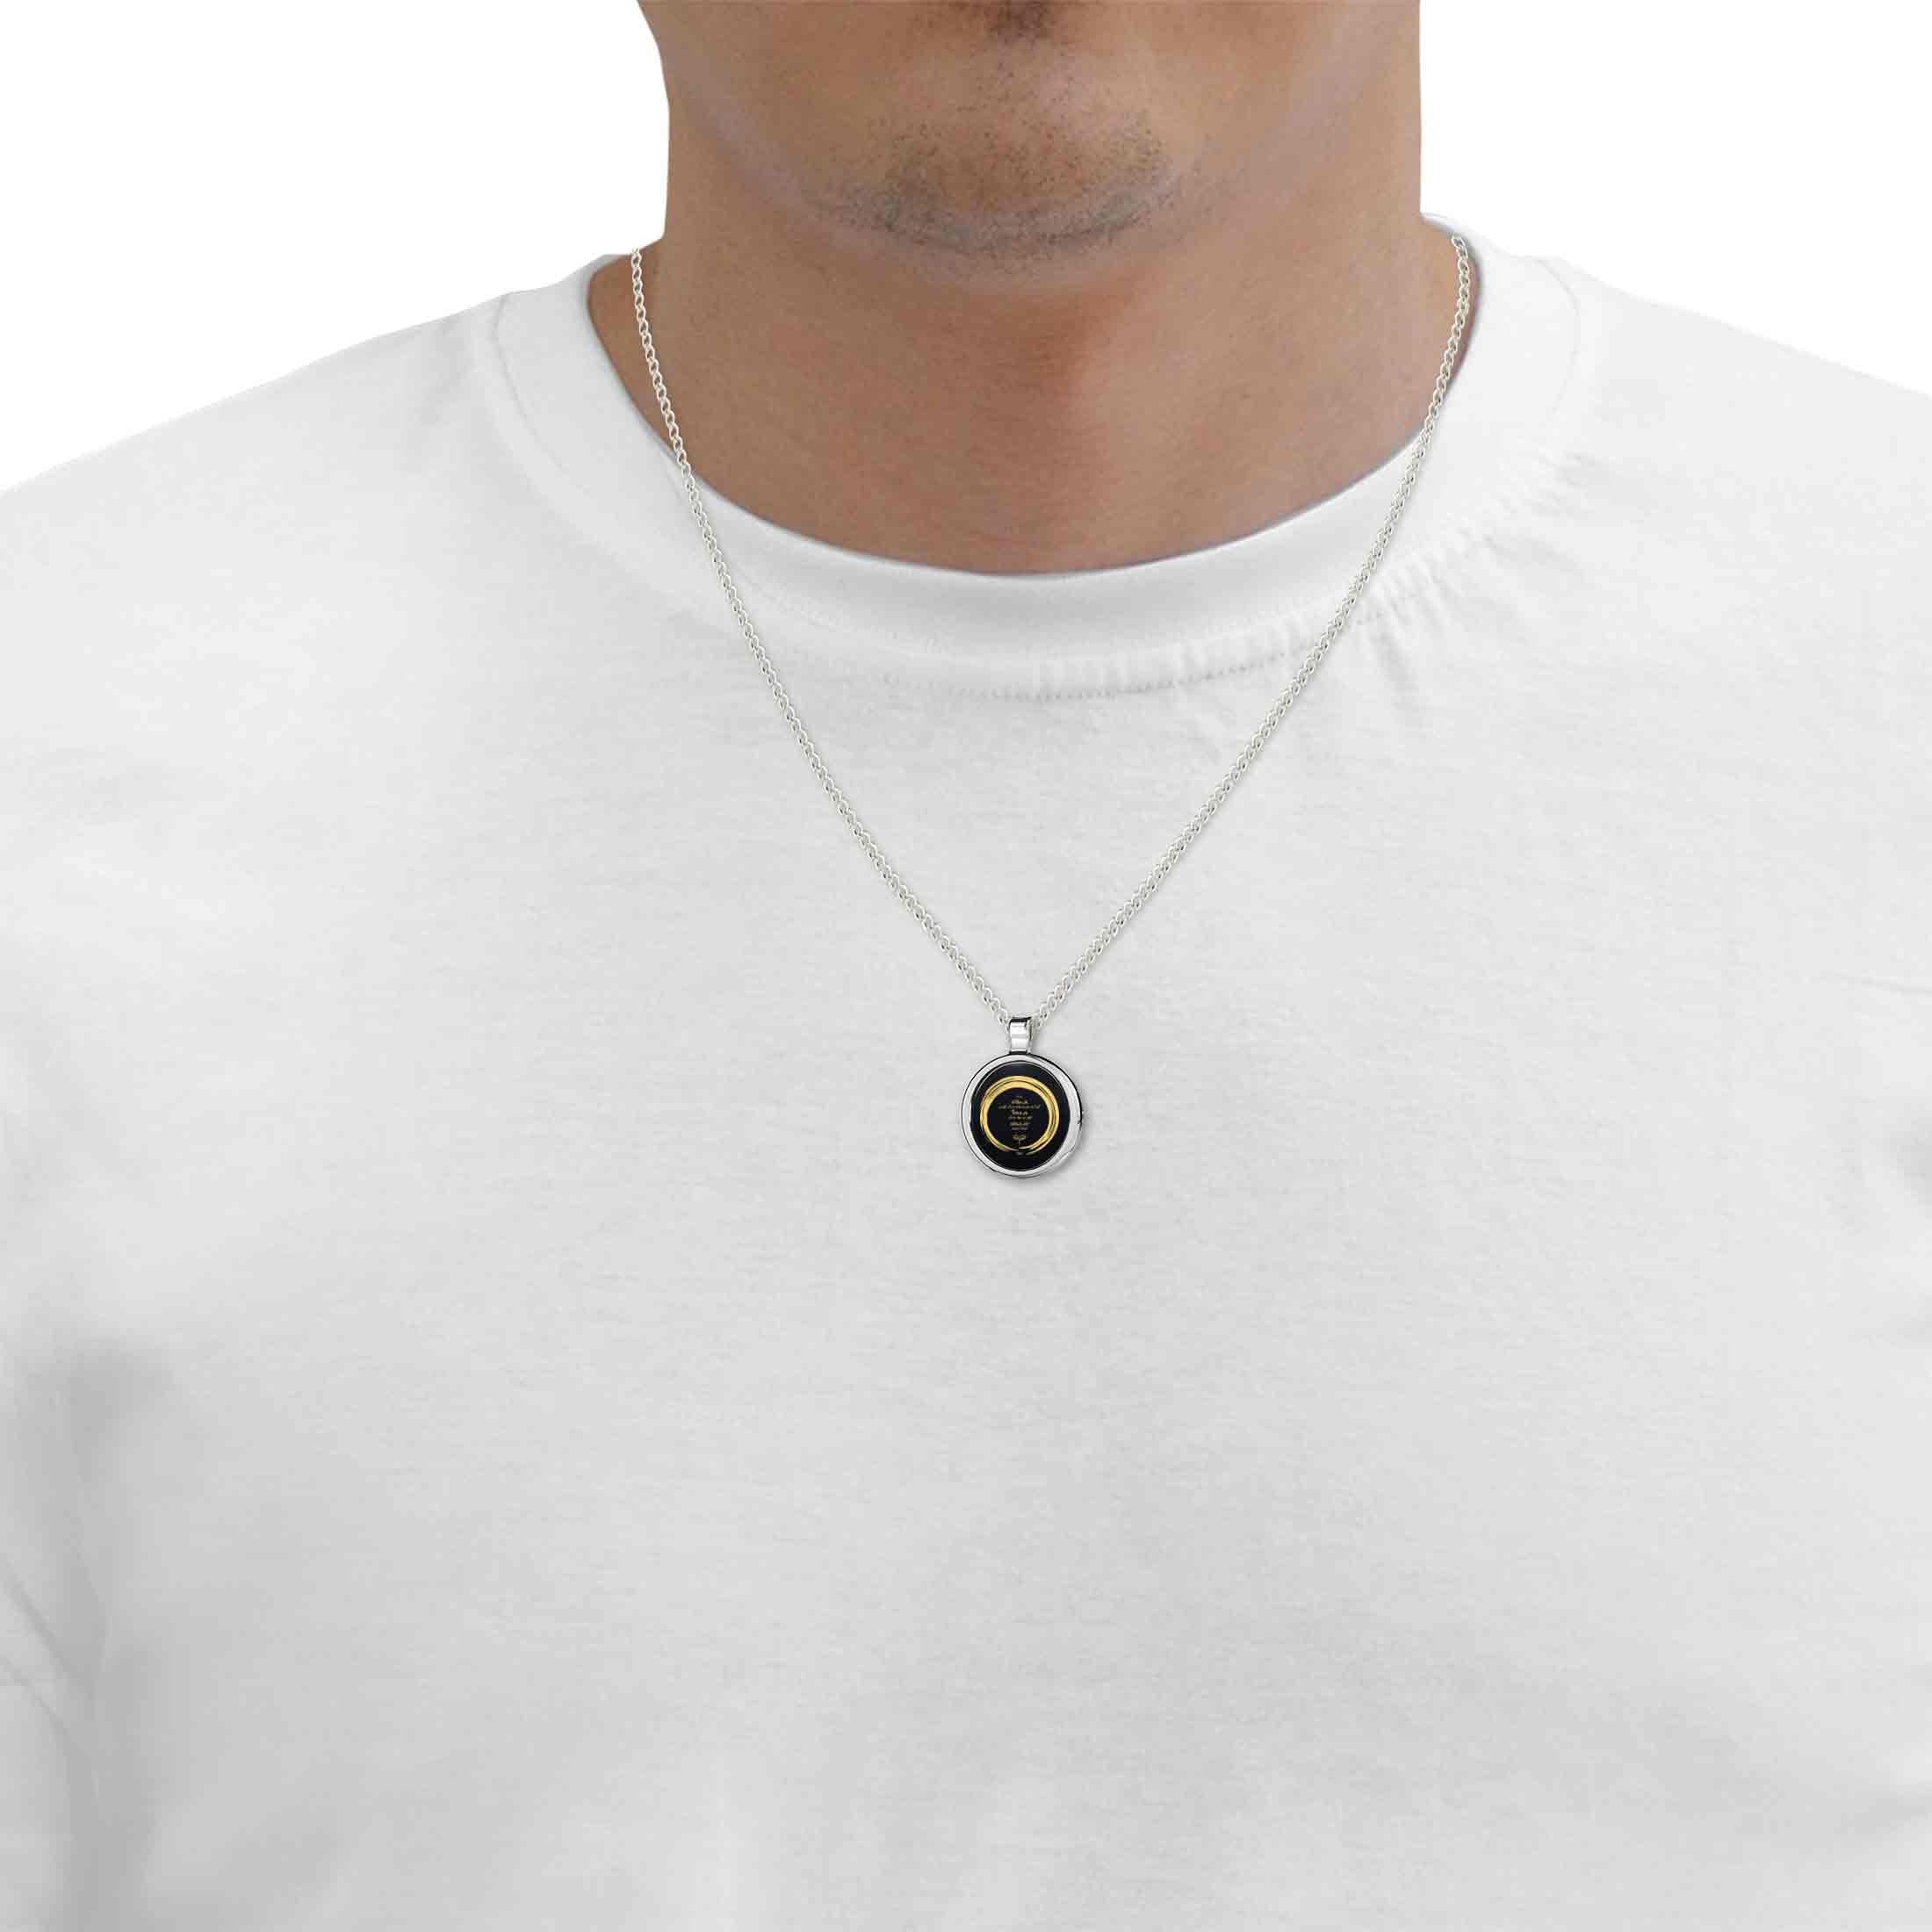 תכשיטים לגבר - מתנה לאבא ליום הולדת - תליון תפילת השלווה - נאנו תכשיטים